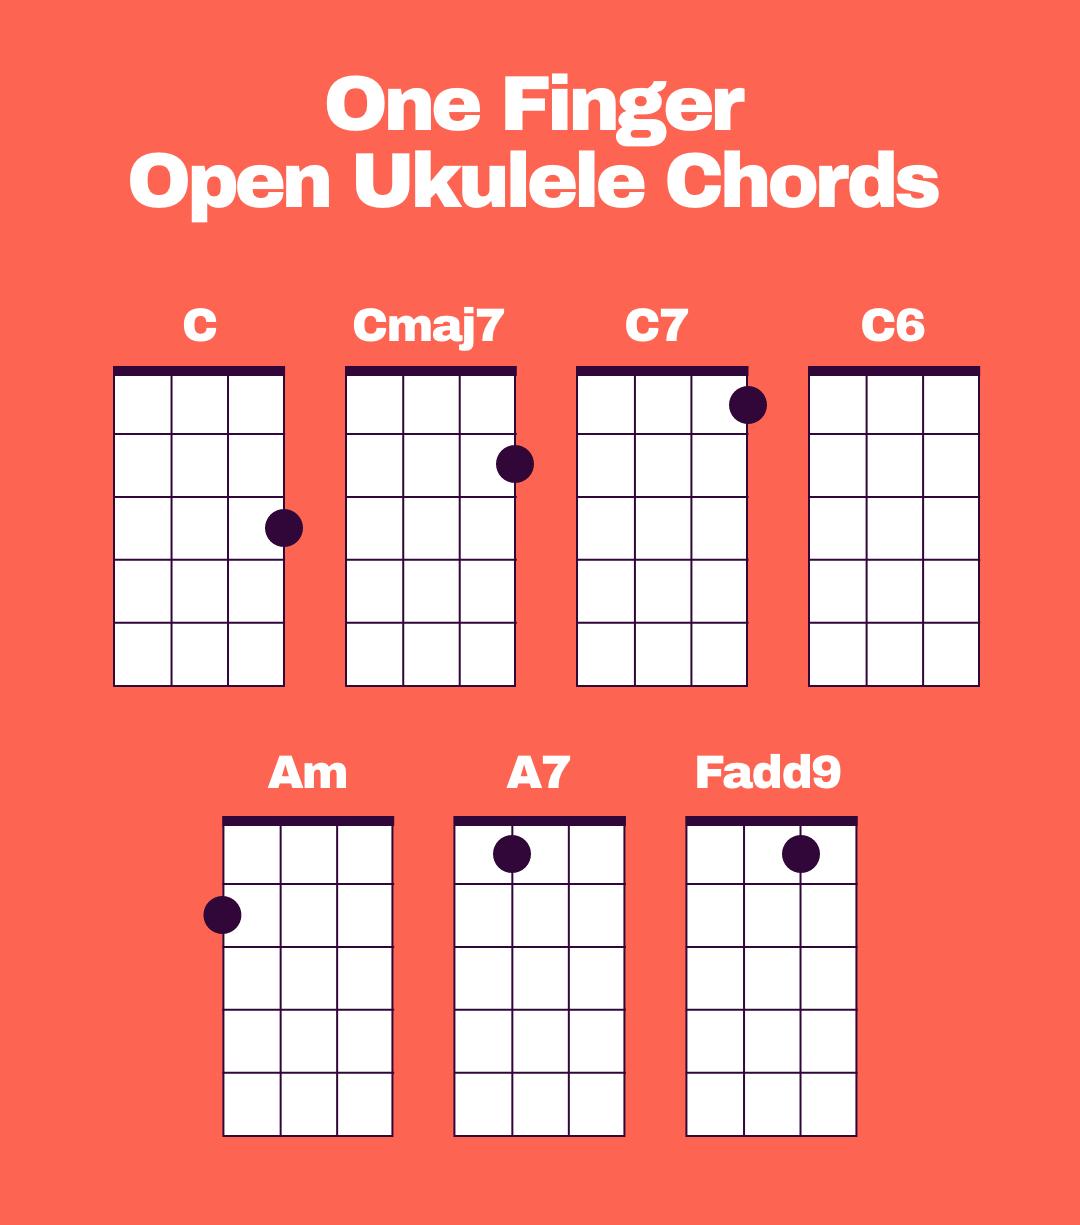 One Finger Open Ukulele Chords